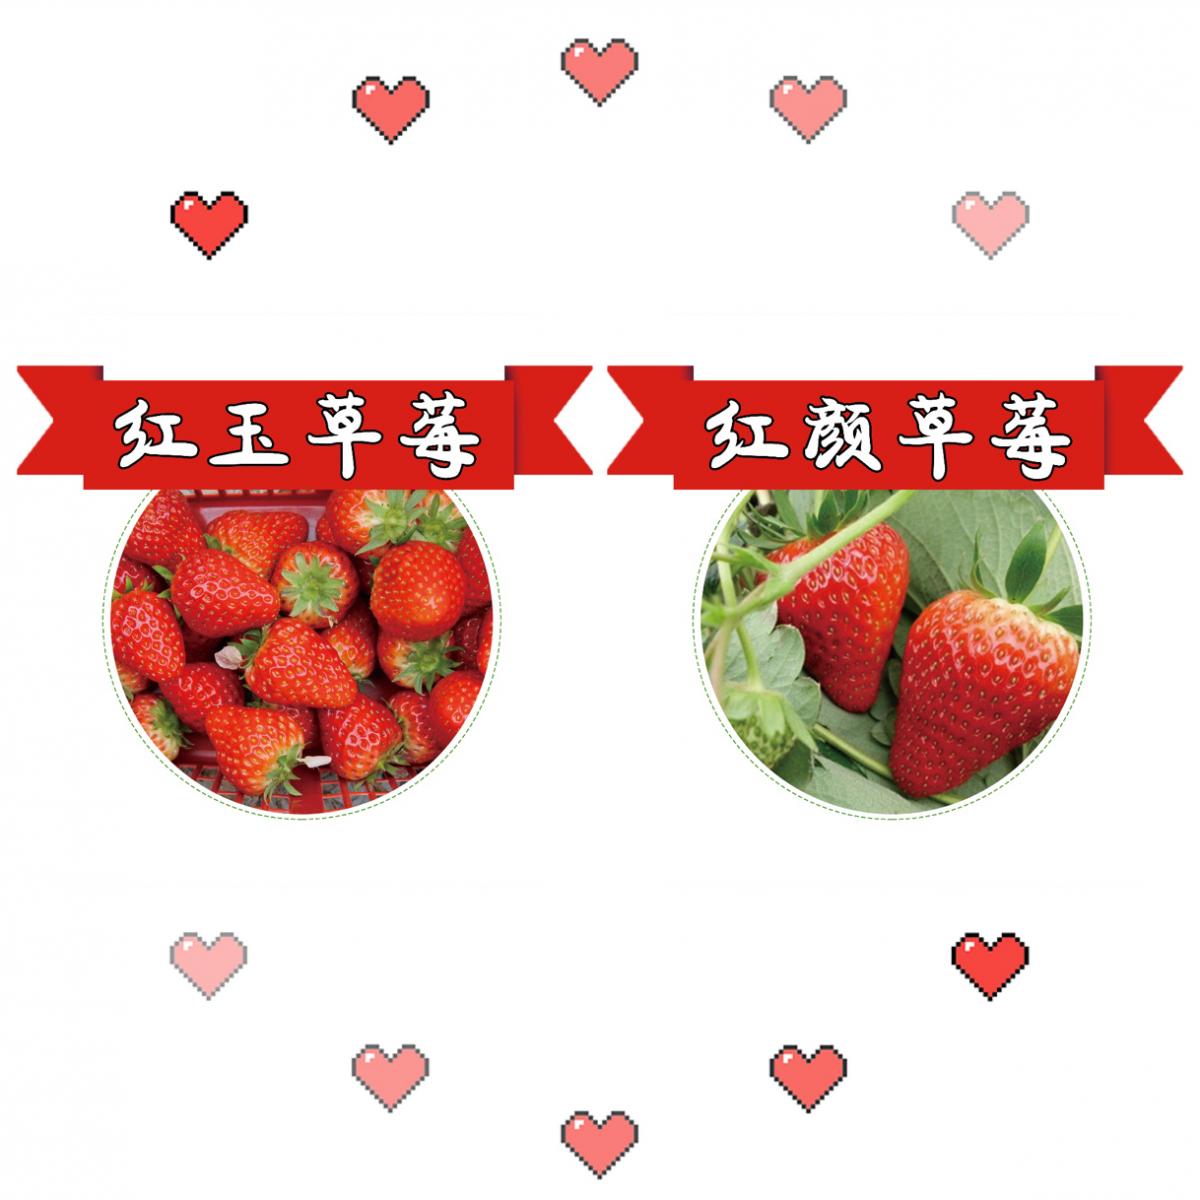 原生态有机草莓现摘送货上门,仅限巴南!